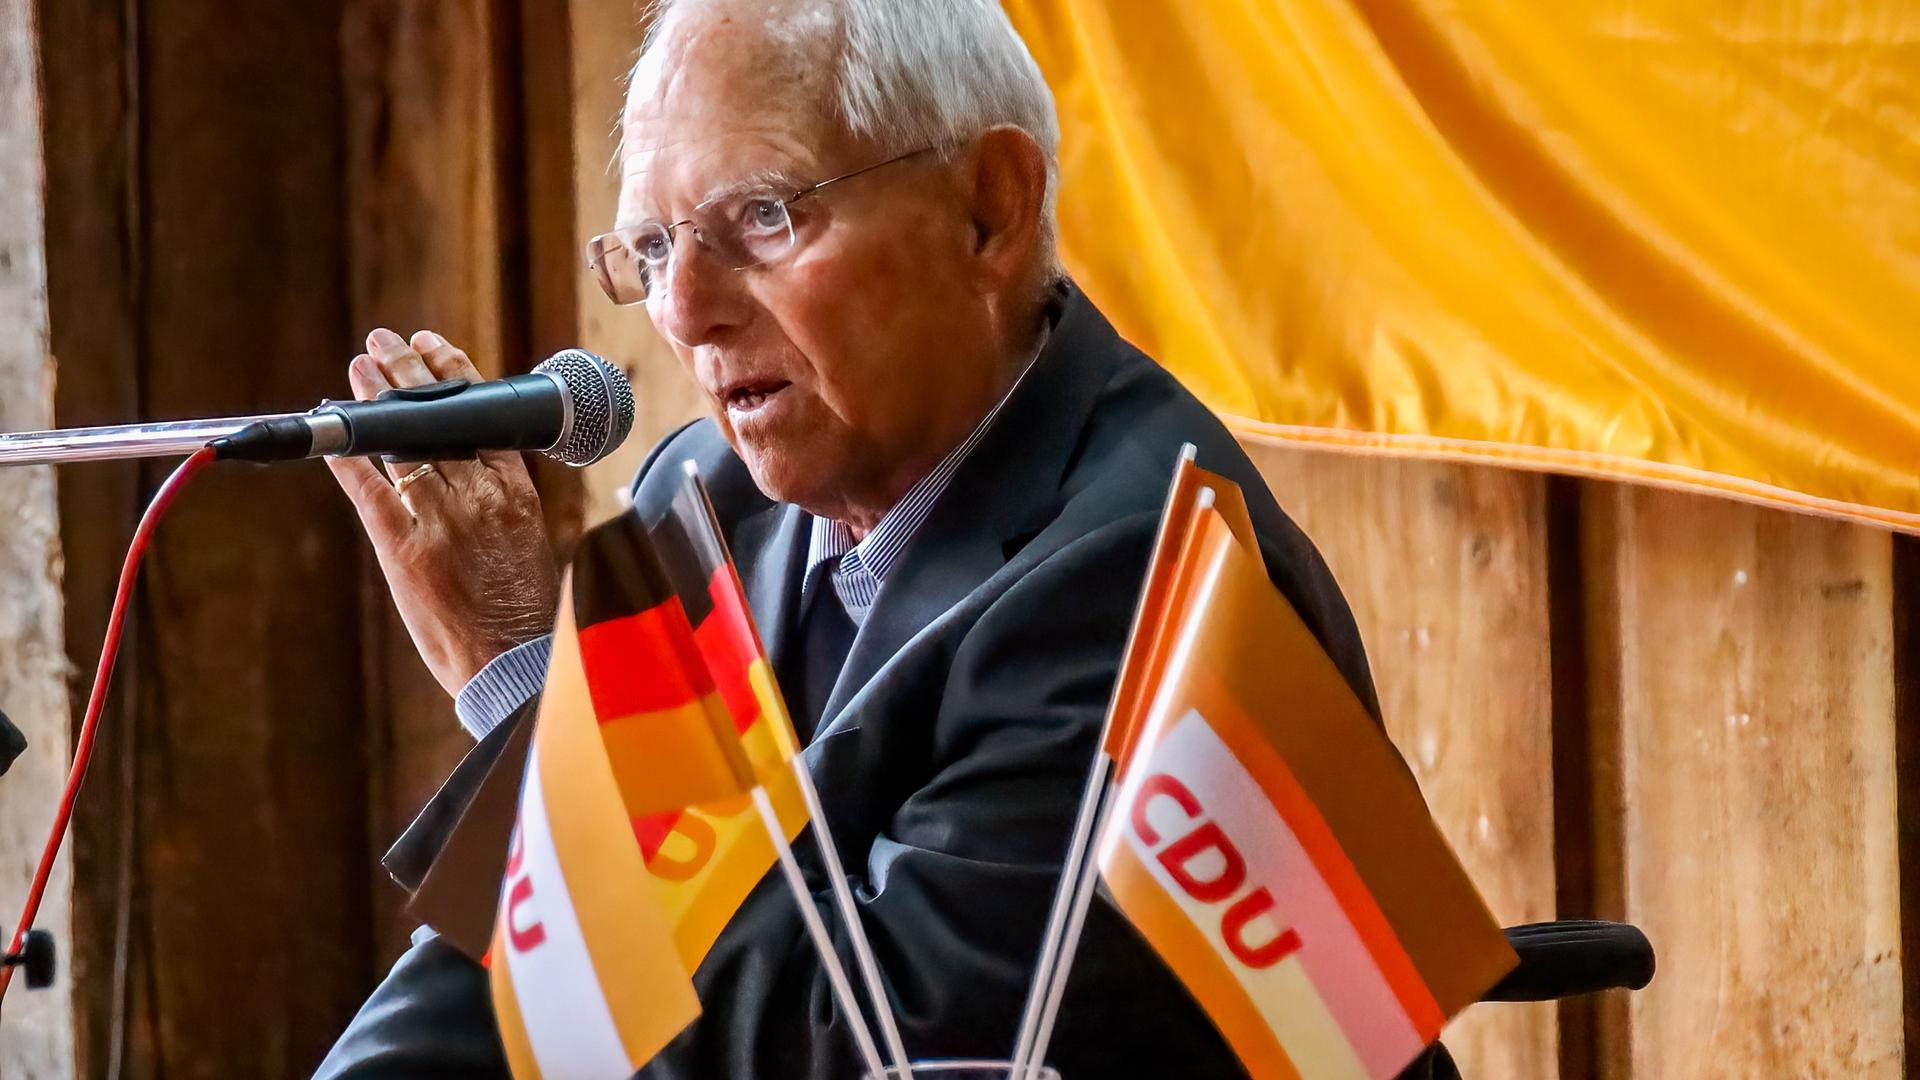 Wolfgang Schäuble beim Auftakt des Wahlkampfes im Obsthof von Franz Josef Müller in Zusenhofen.